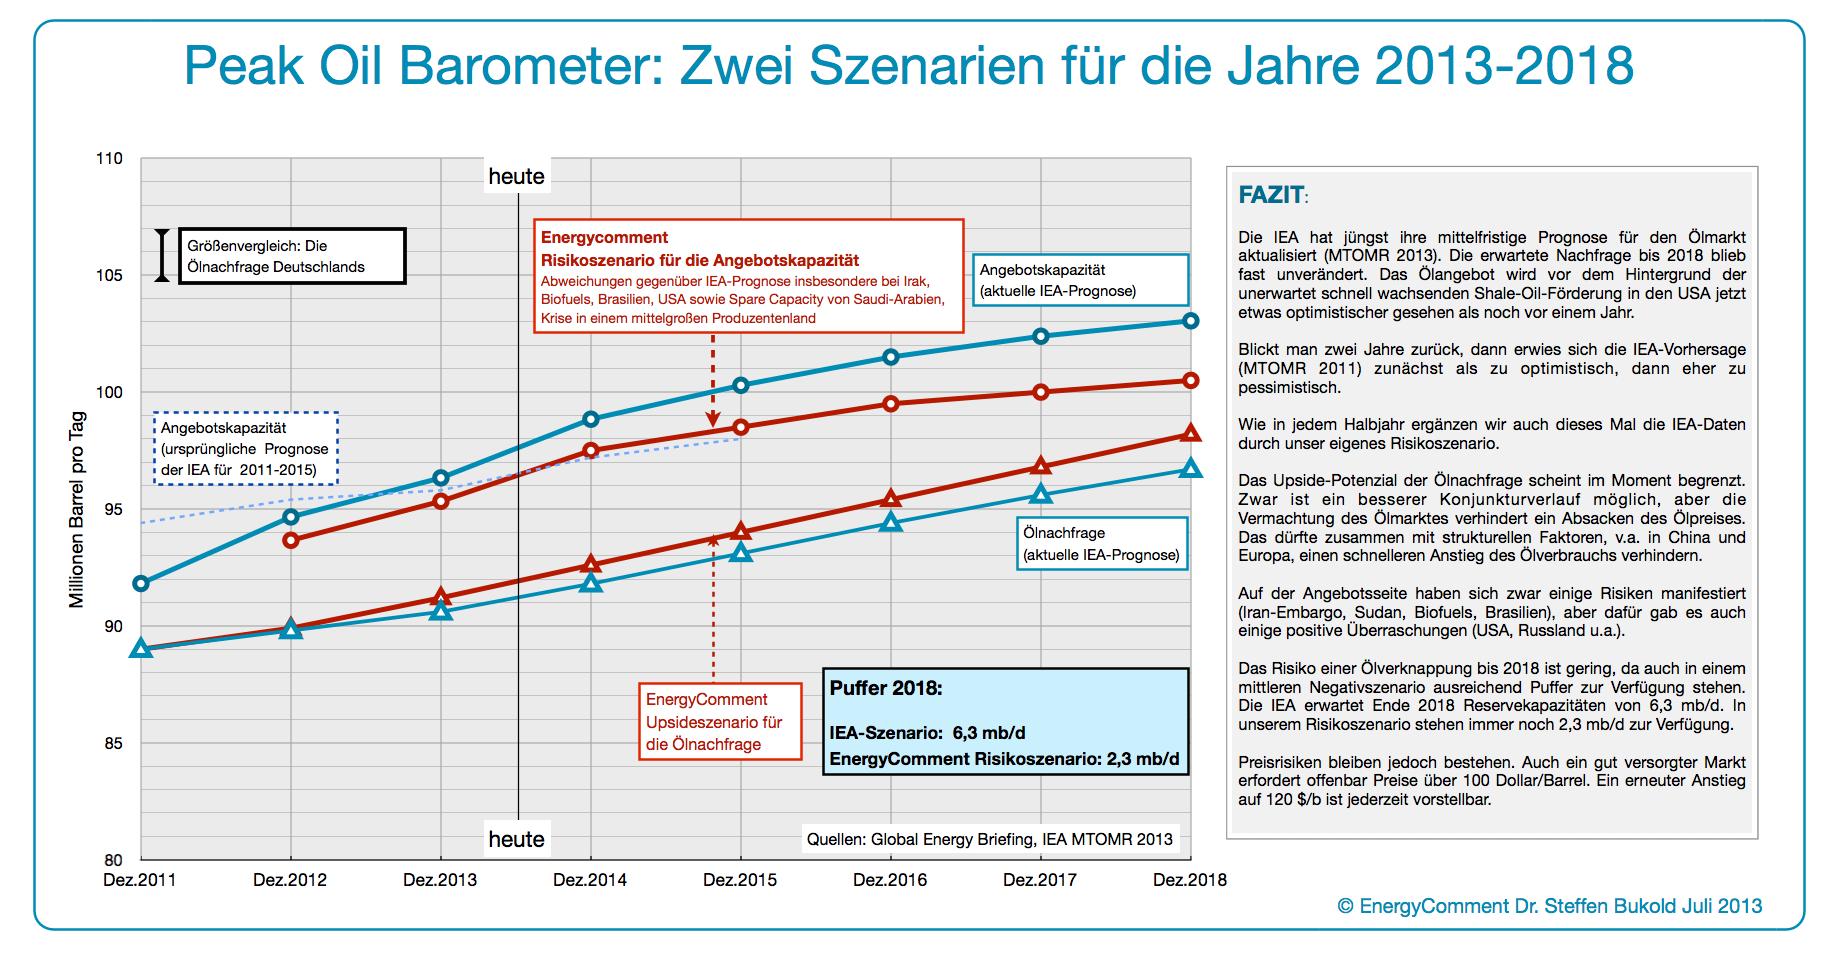 peak_oil_barometer_juli_2013